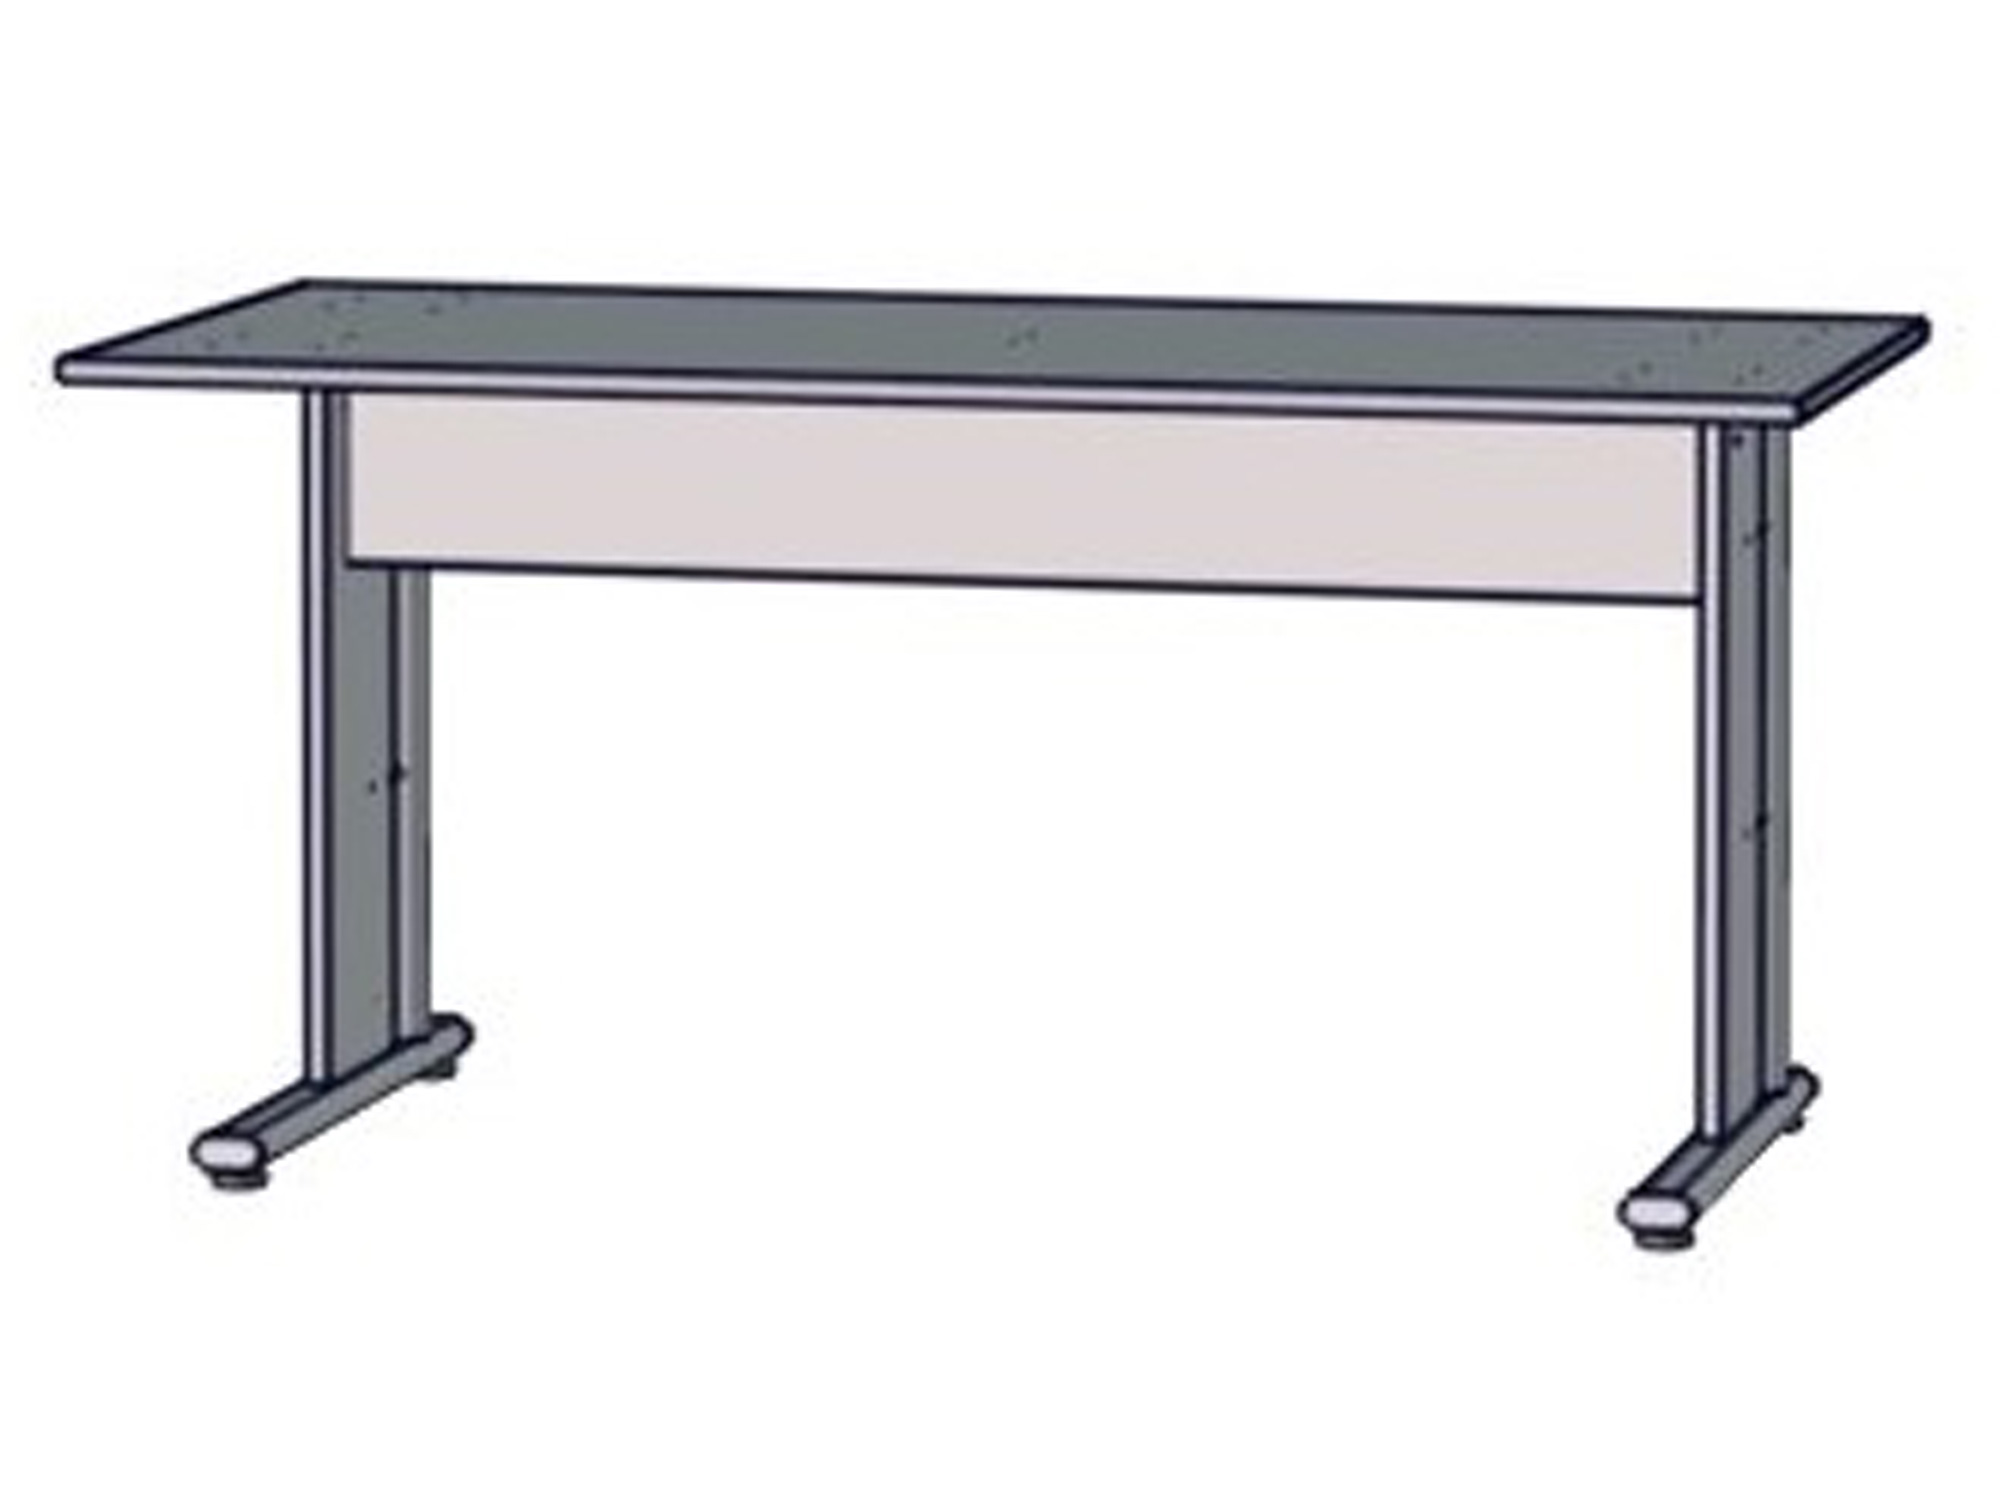 Maraun schreibtisch material dekorspanplatte eiche for Schreibtisch 150